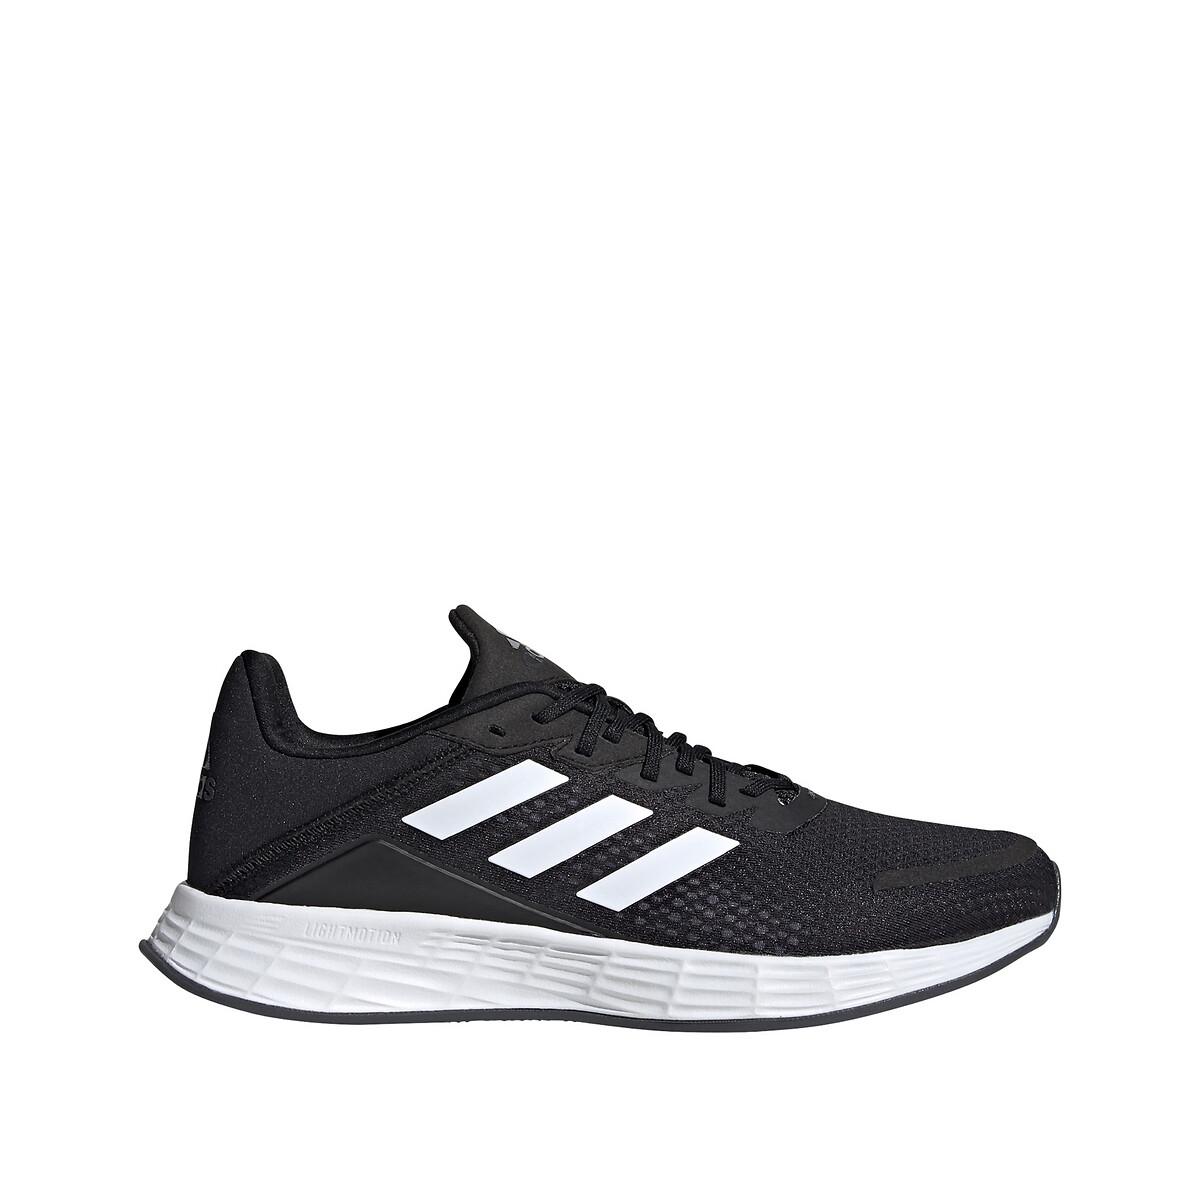 Adidas Performance Duramo Sl Classic hardloopschoenen zwart/wit/grijs online kopen